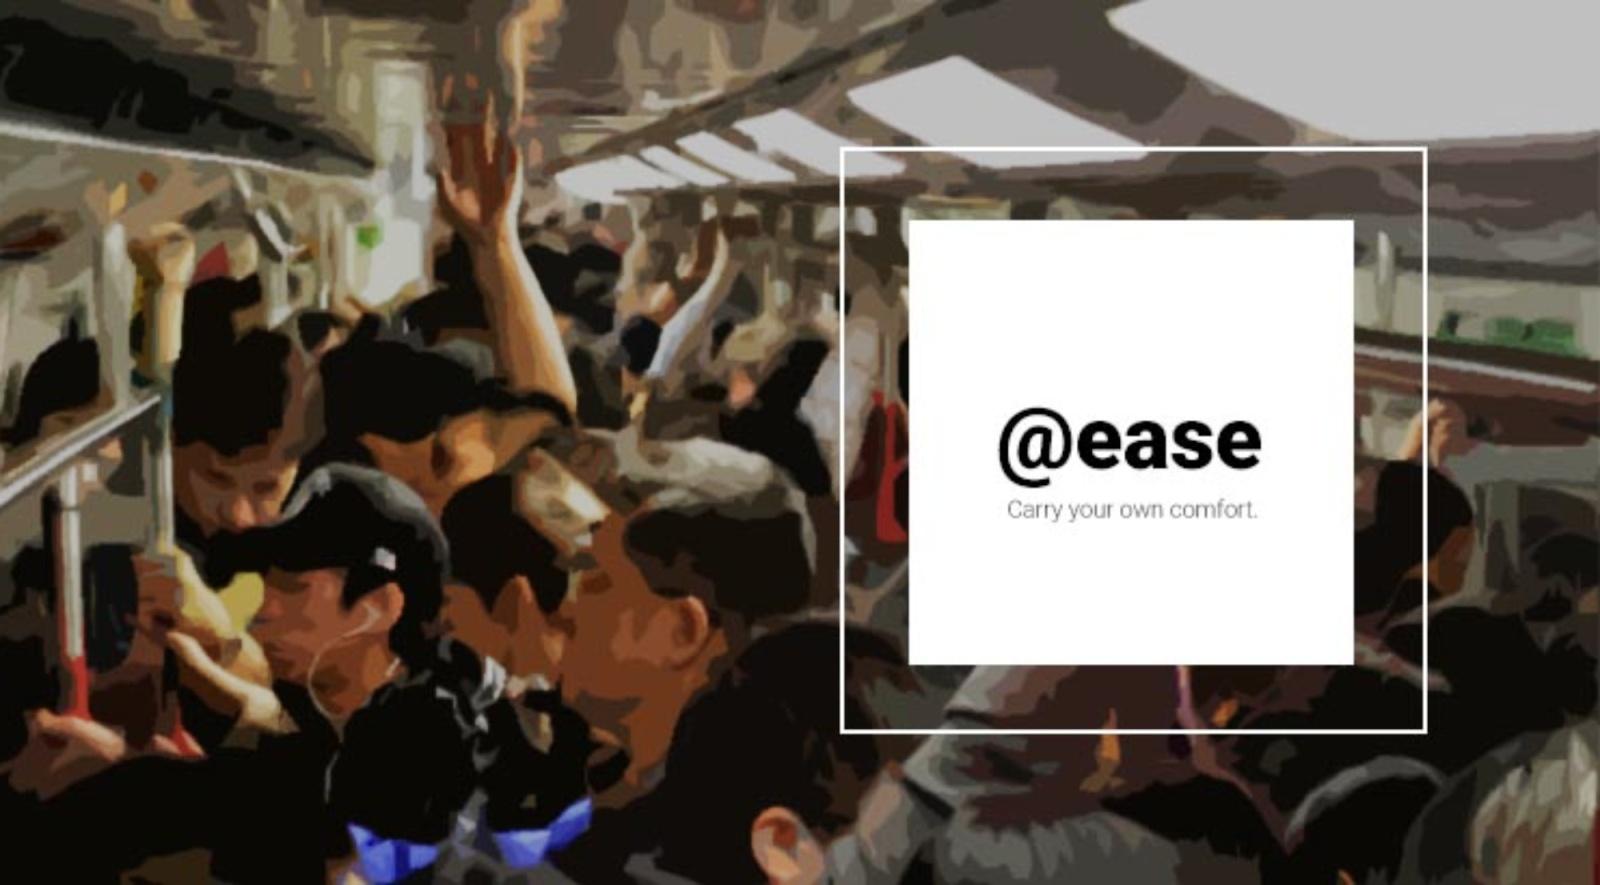 @erase